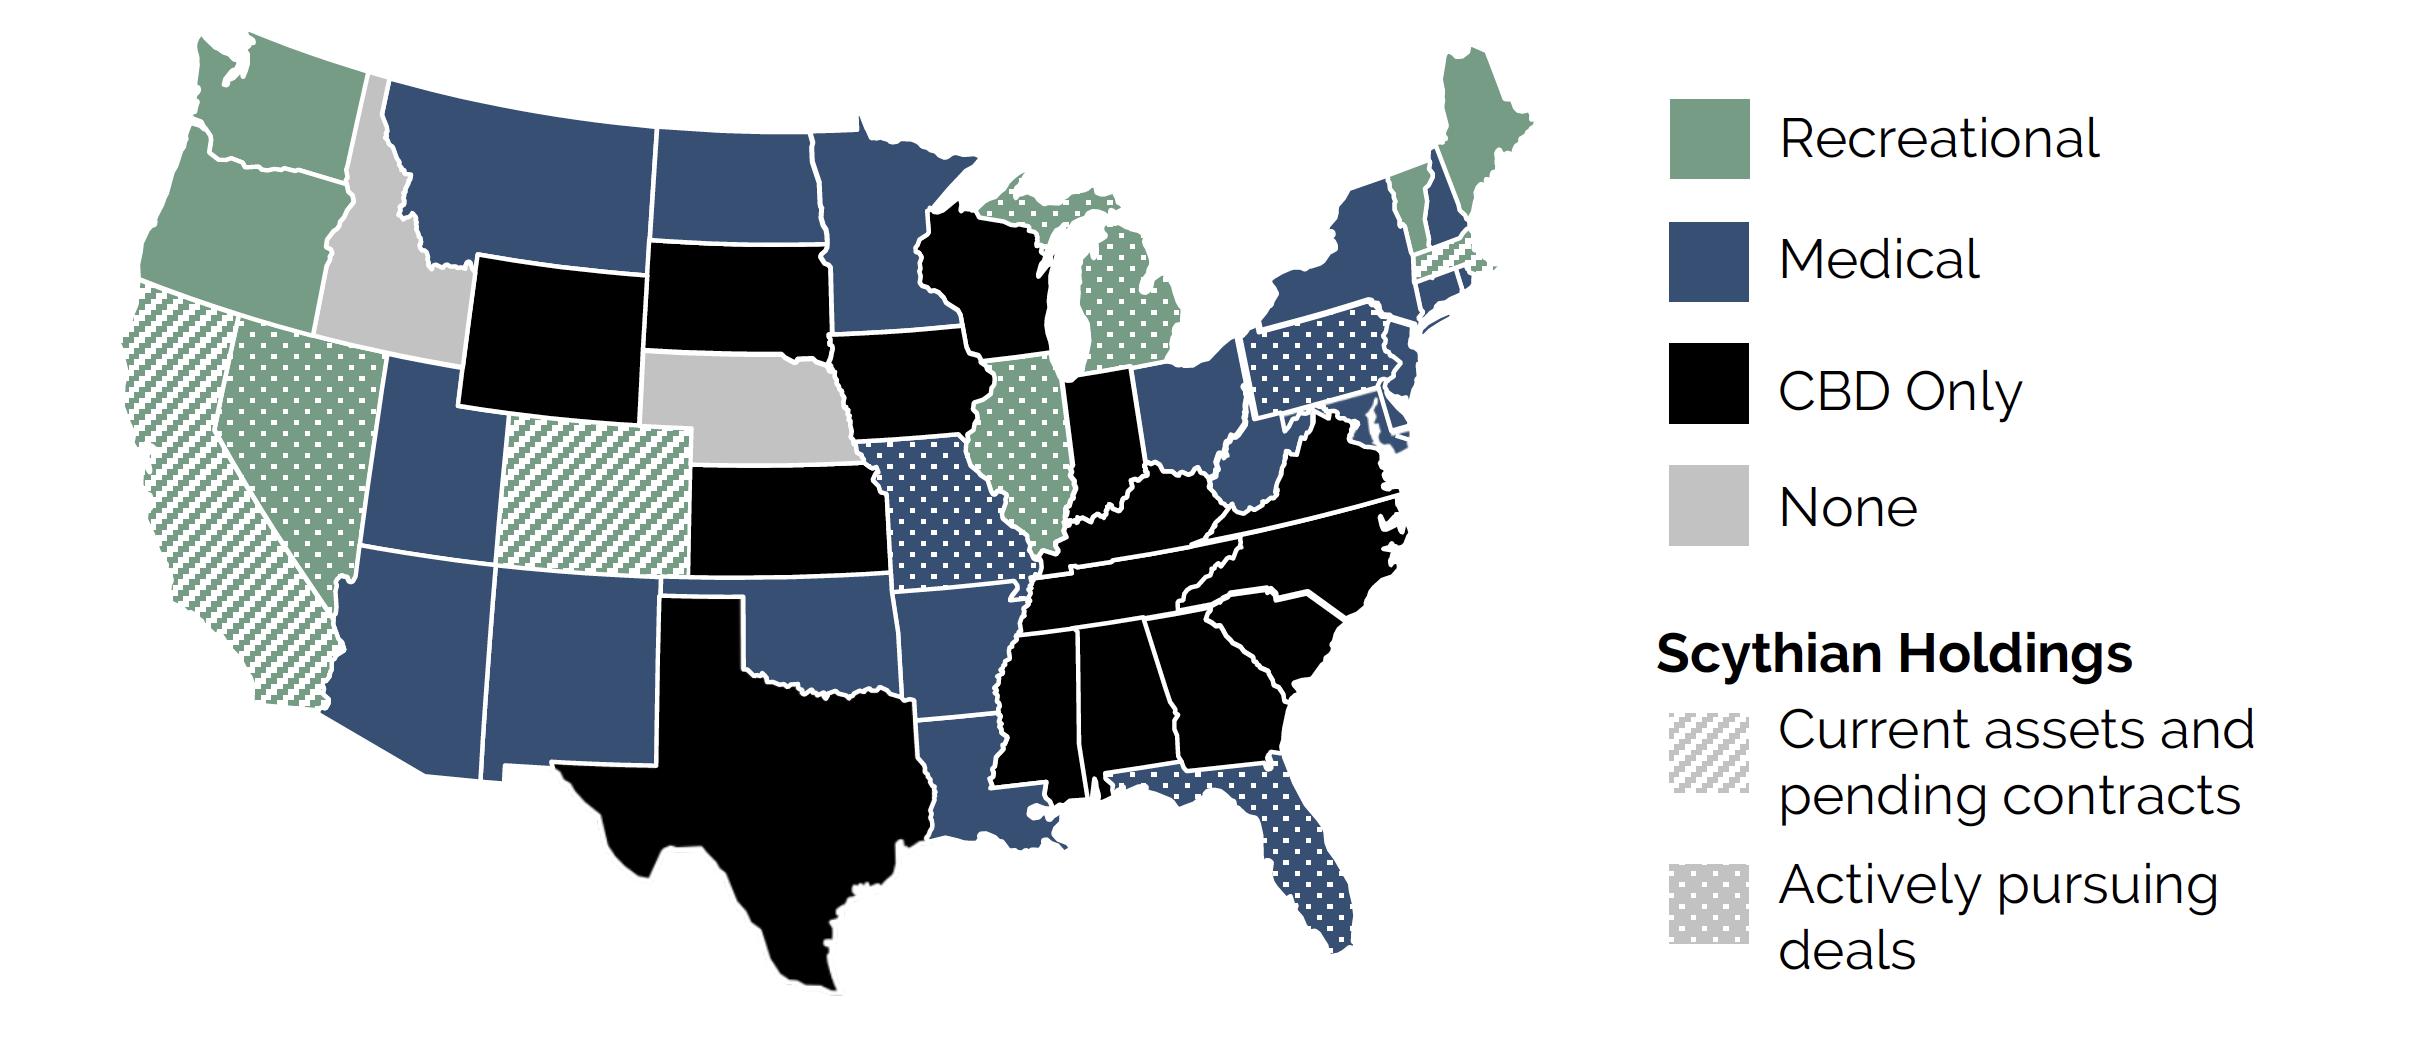 Scythian Cannabis markets map